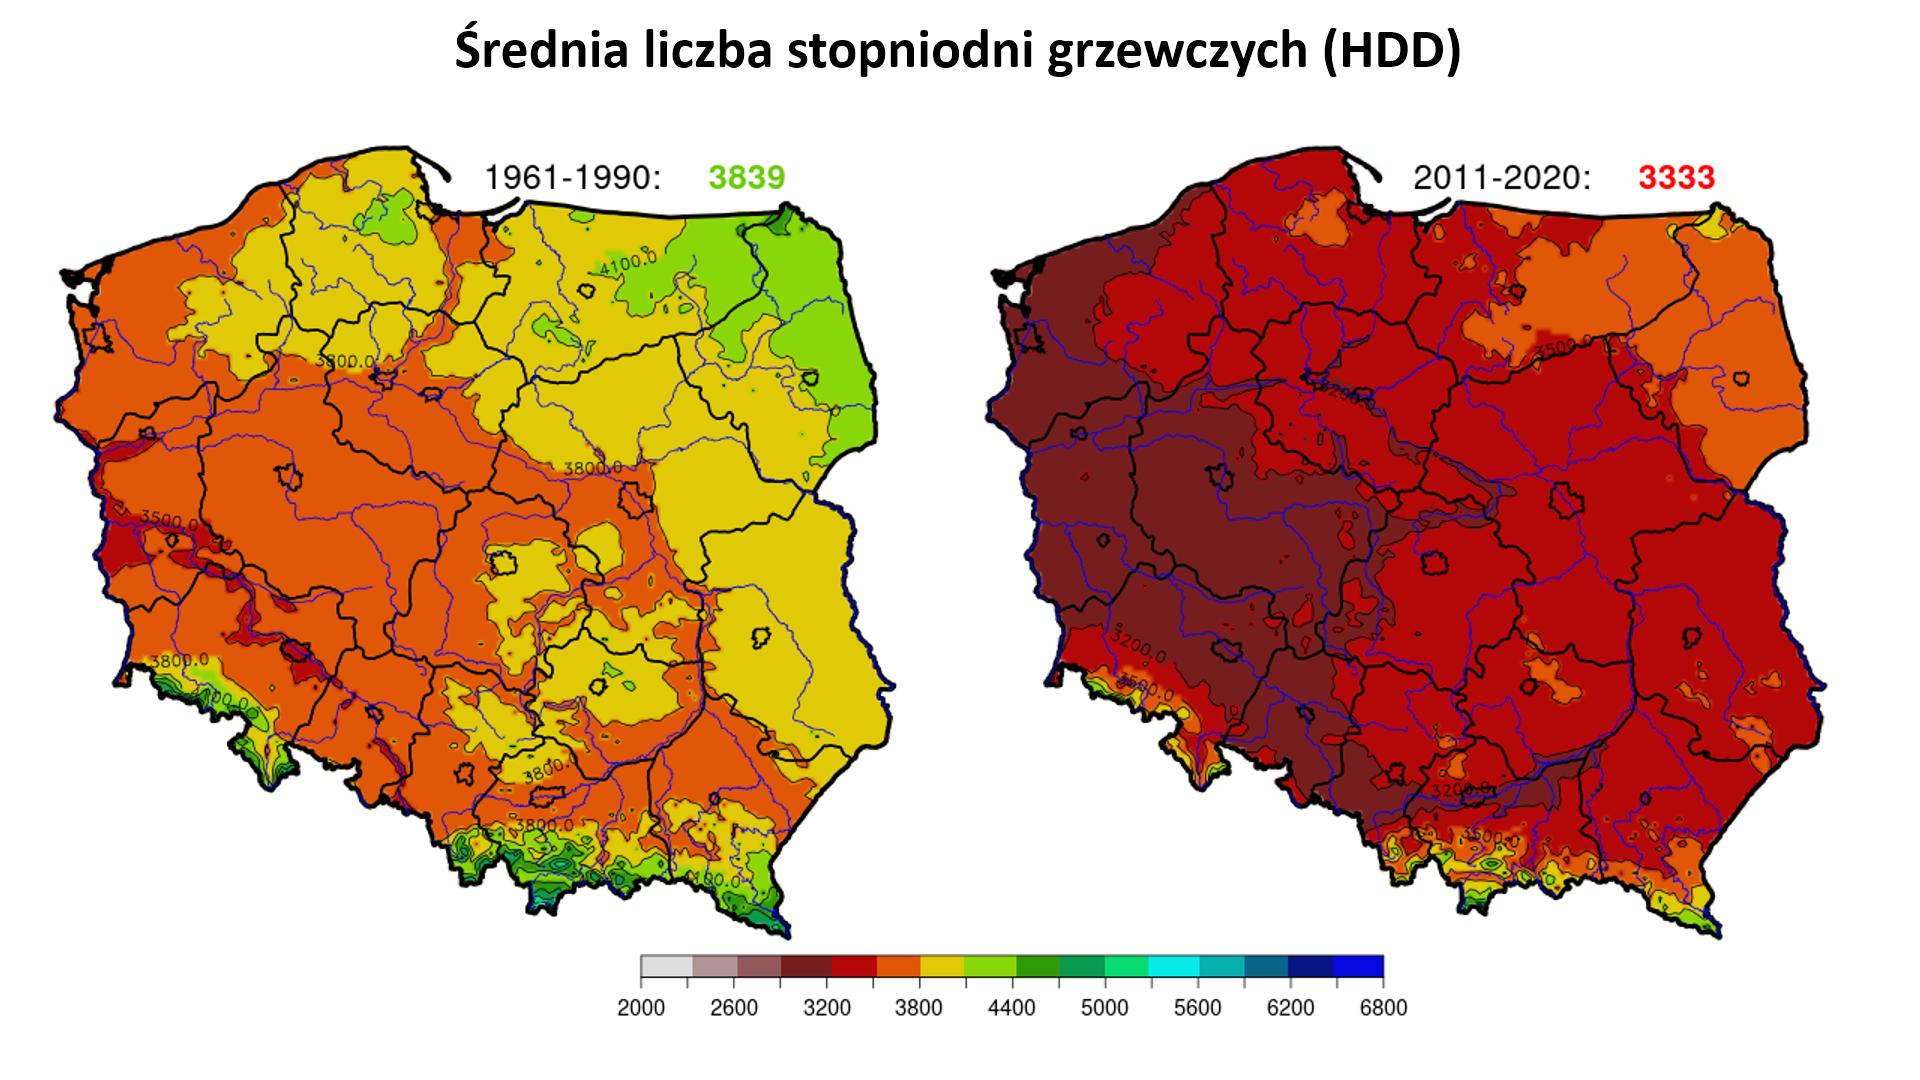 Mapy: liczba stopniodni grzewczych (Heating Degree Days, HDD)  w Polsce w okresie 1961-1990 i 2011-2020